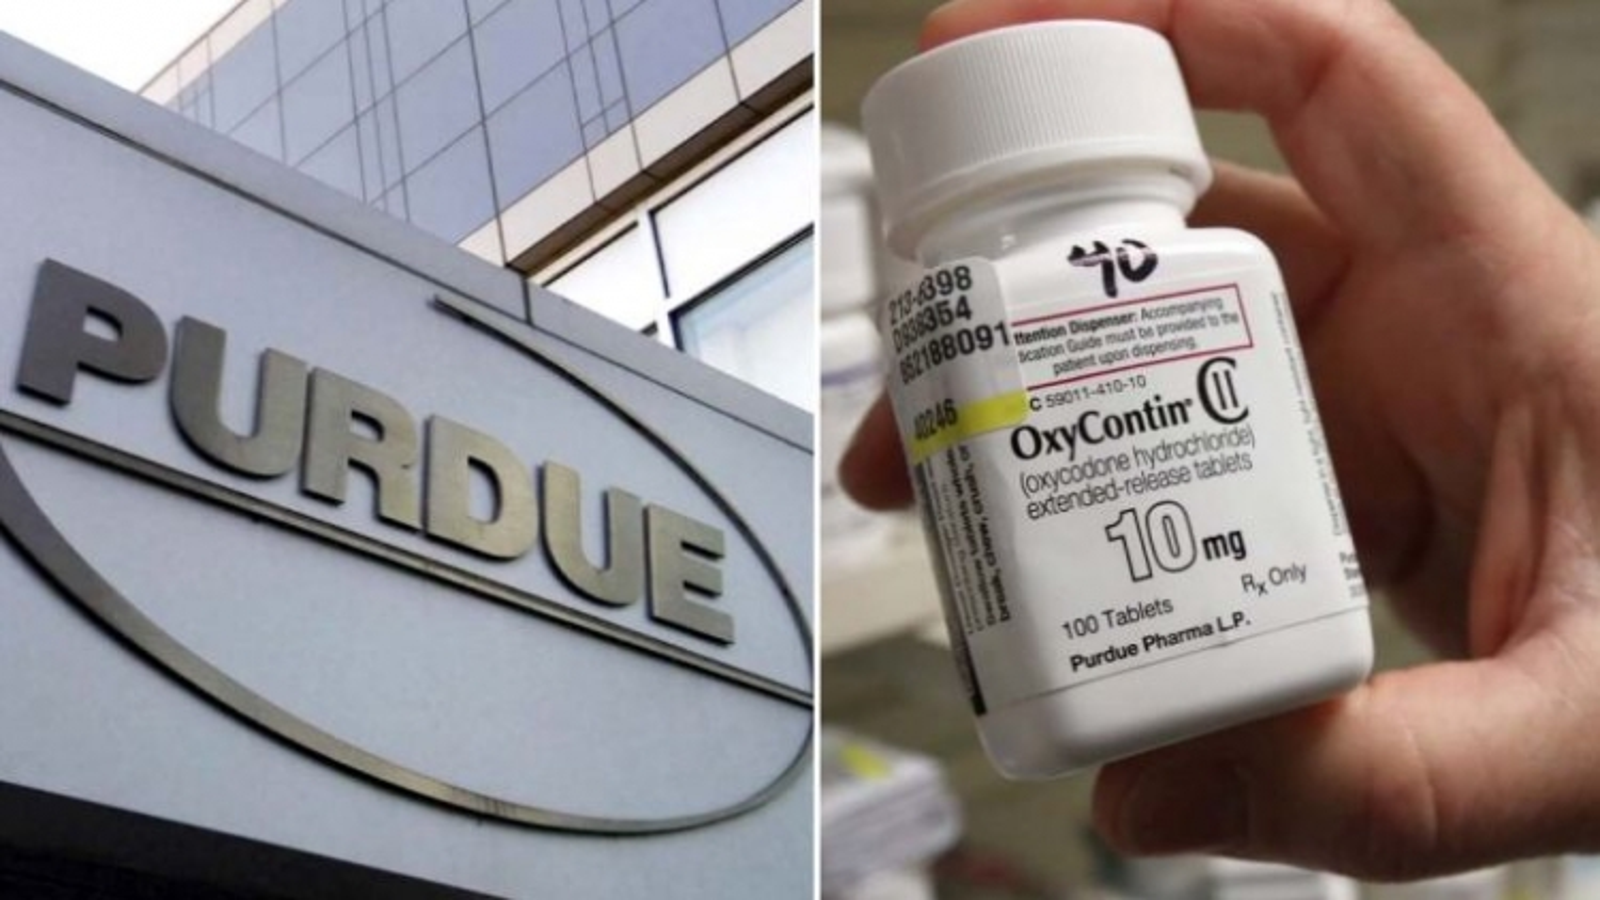 Purdue Pharma đồng ý nộp phạt hơn 8 tỷ USD để giải quyết vụ kiện với Chính phủ Mỹ